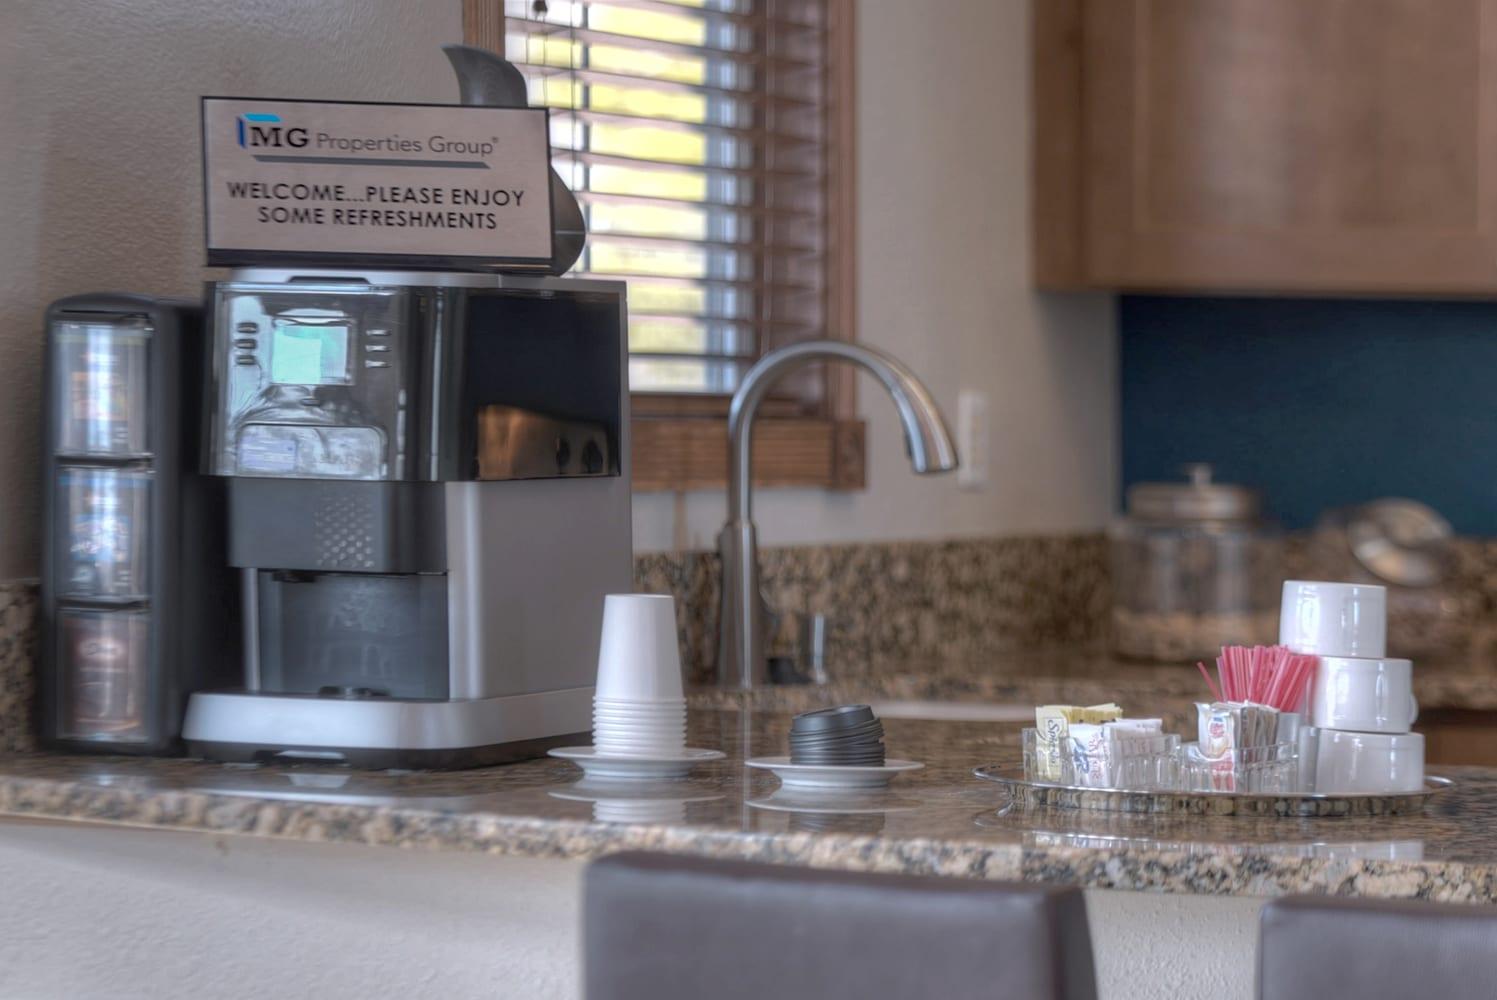 Coffee Bar and Hospitality Station at Manzanita Gate Apartment Homes, Reno, 89523